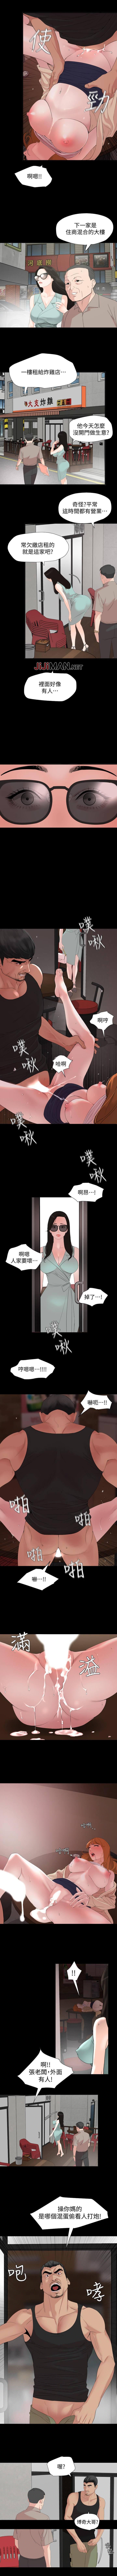 【周一连载】与岳母同屋(作者: 橘皮&黑嘿嘿) 第1~13话 13